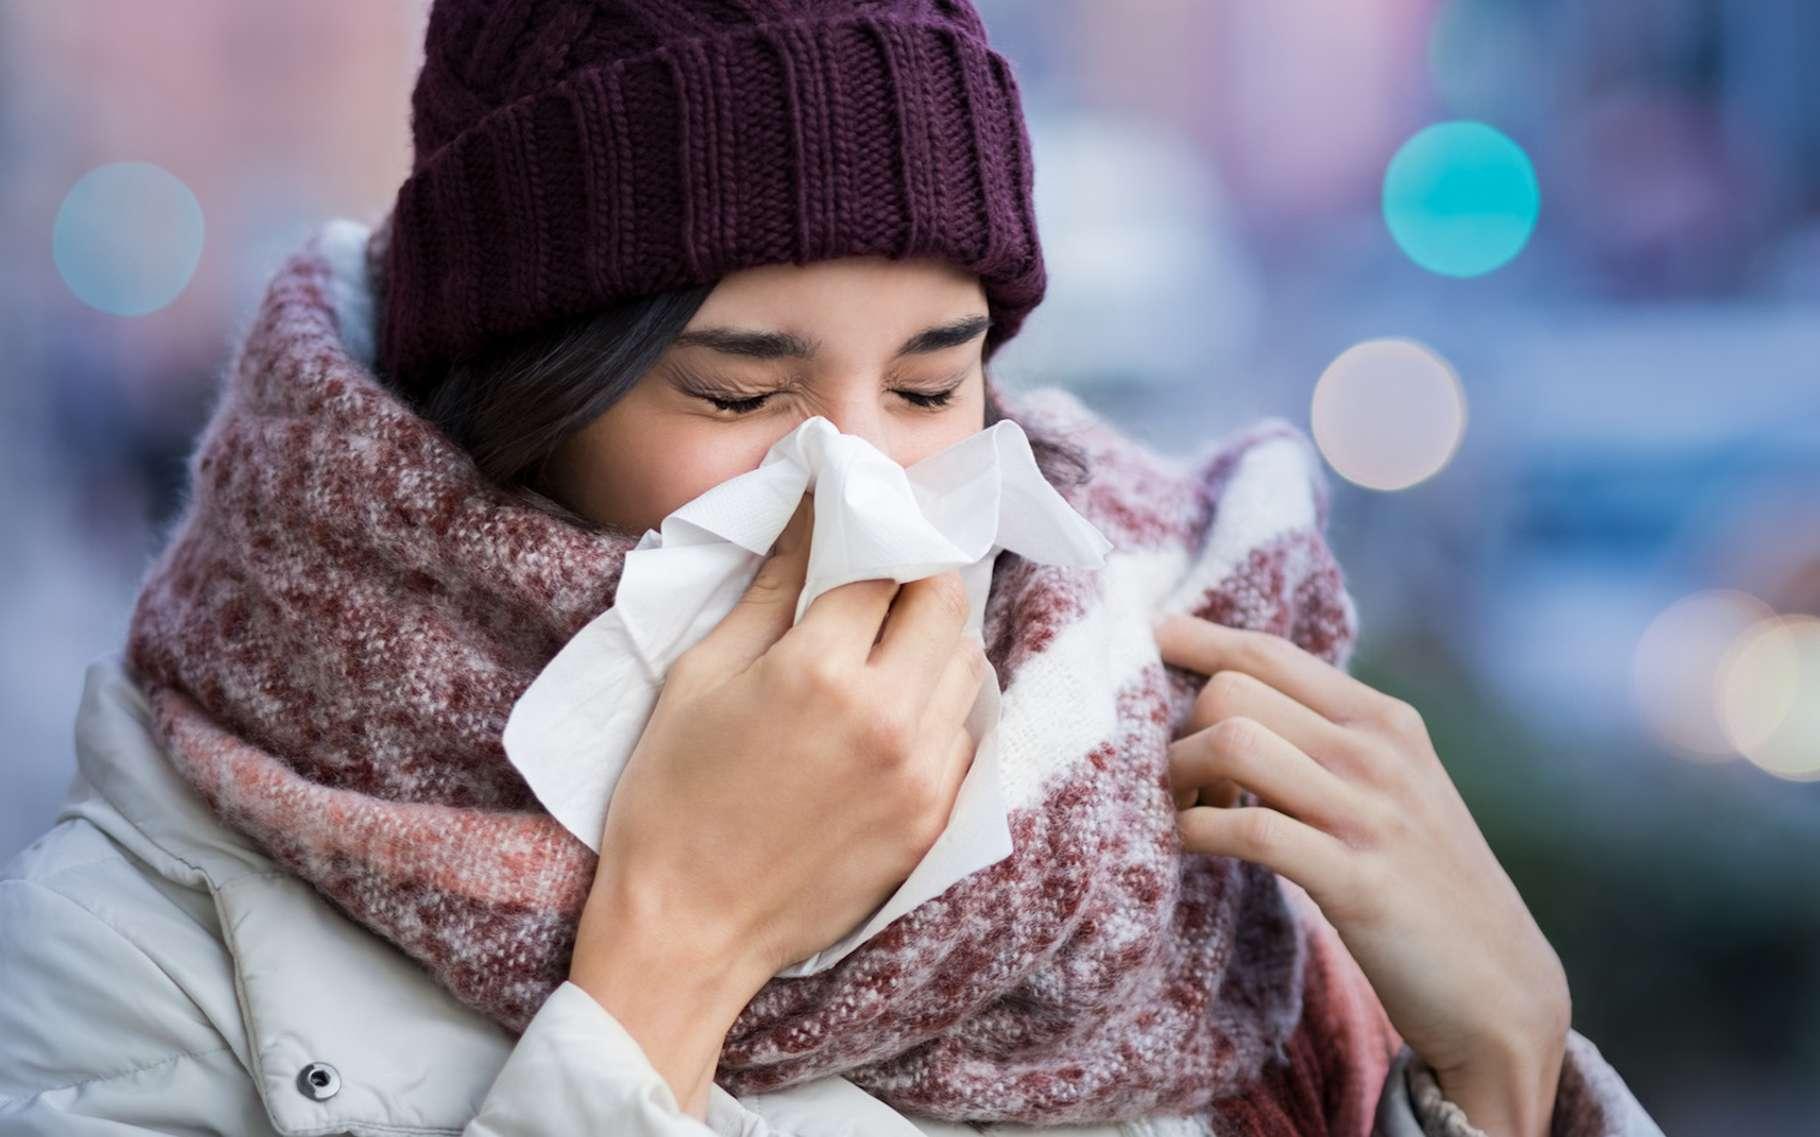 Les résultats d'une étude menée par des chercheurs suédois suggèrent que les êtres humains ont la capacité de détecter les signes de maladie dans une phase précoce après l'exposition à des stimuli infectieux. © Rido, Fotolia